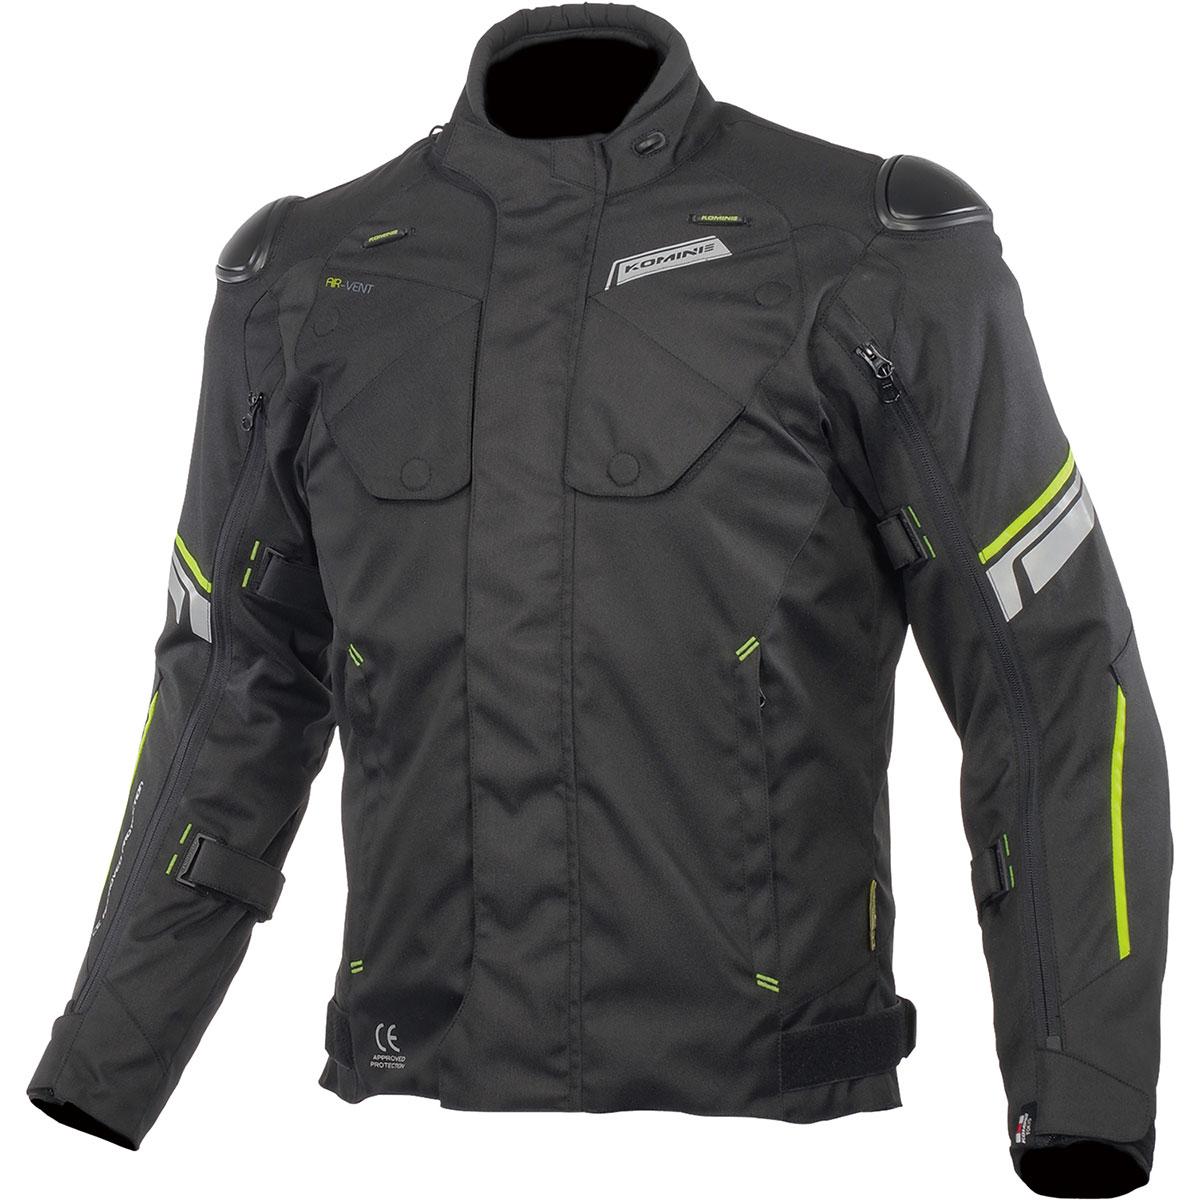 コミネ (Komine) バイク用 ジャケット Jacket JK-598 プロテクトフルイヤージャケット ブラック Lサイズ 07-598/BK/L